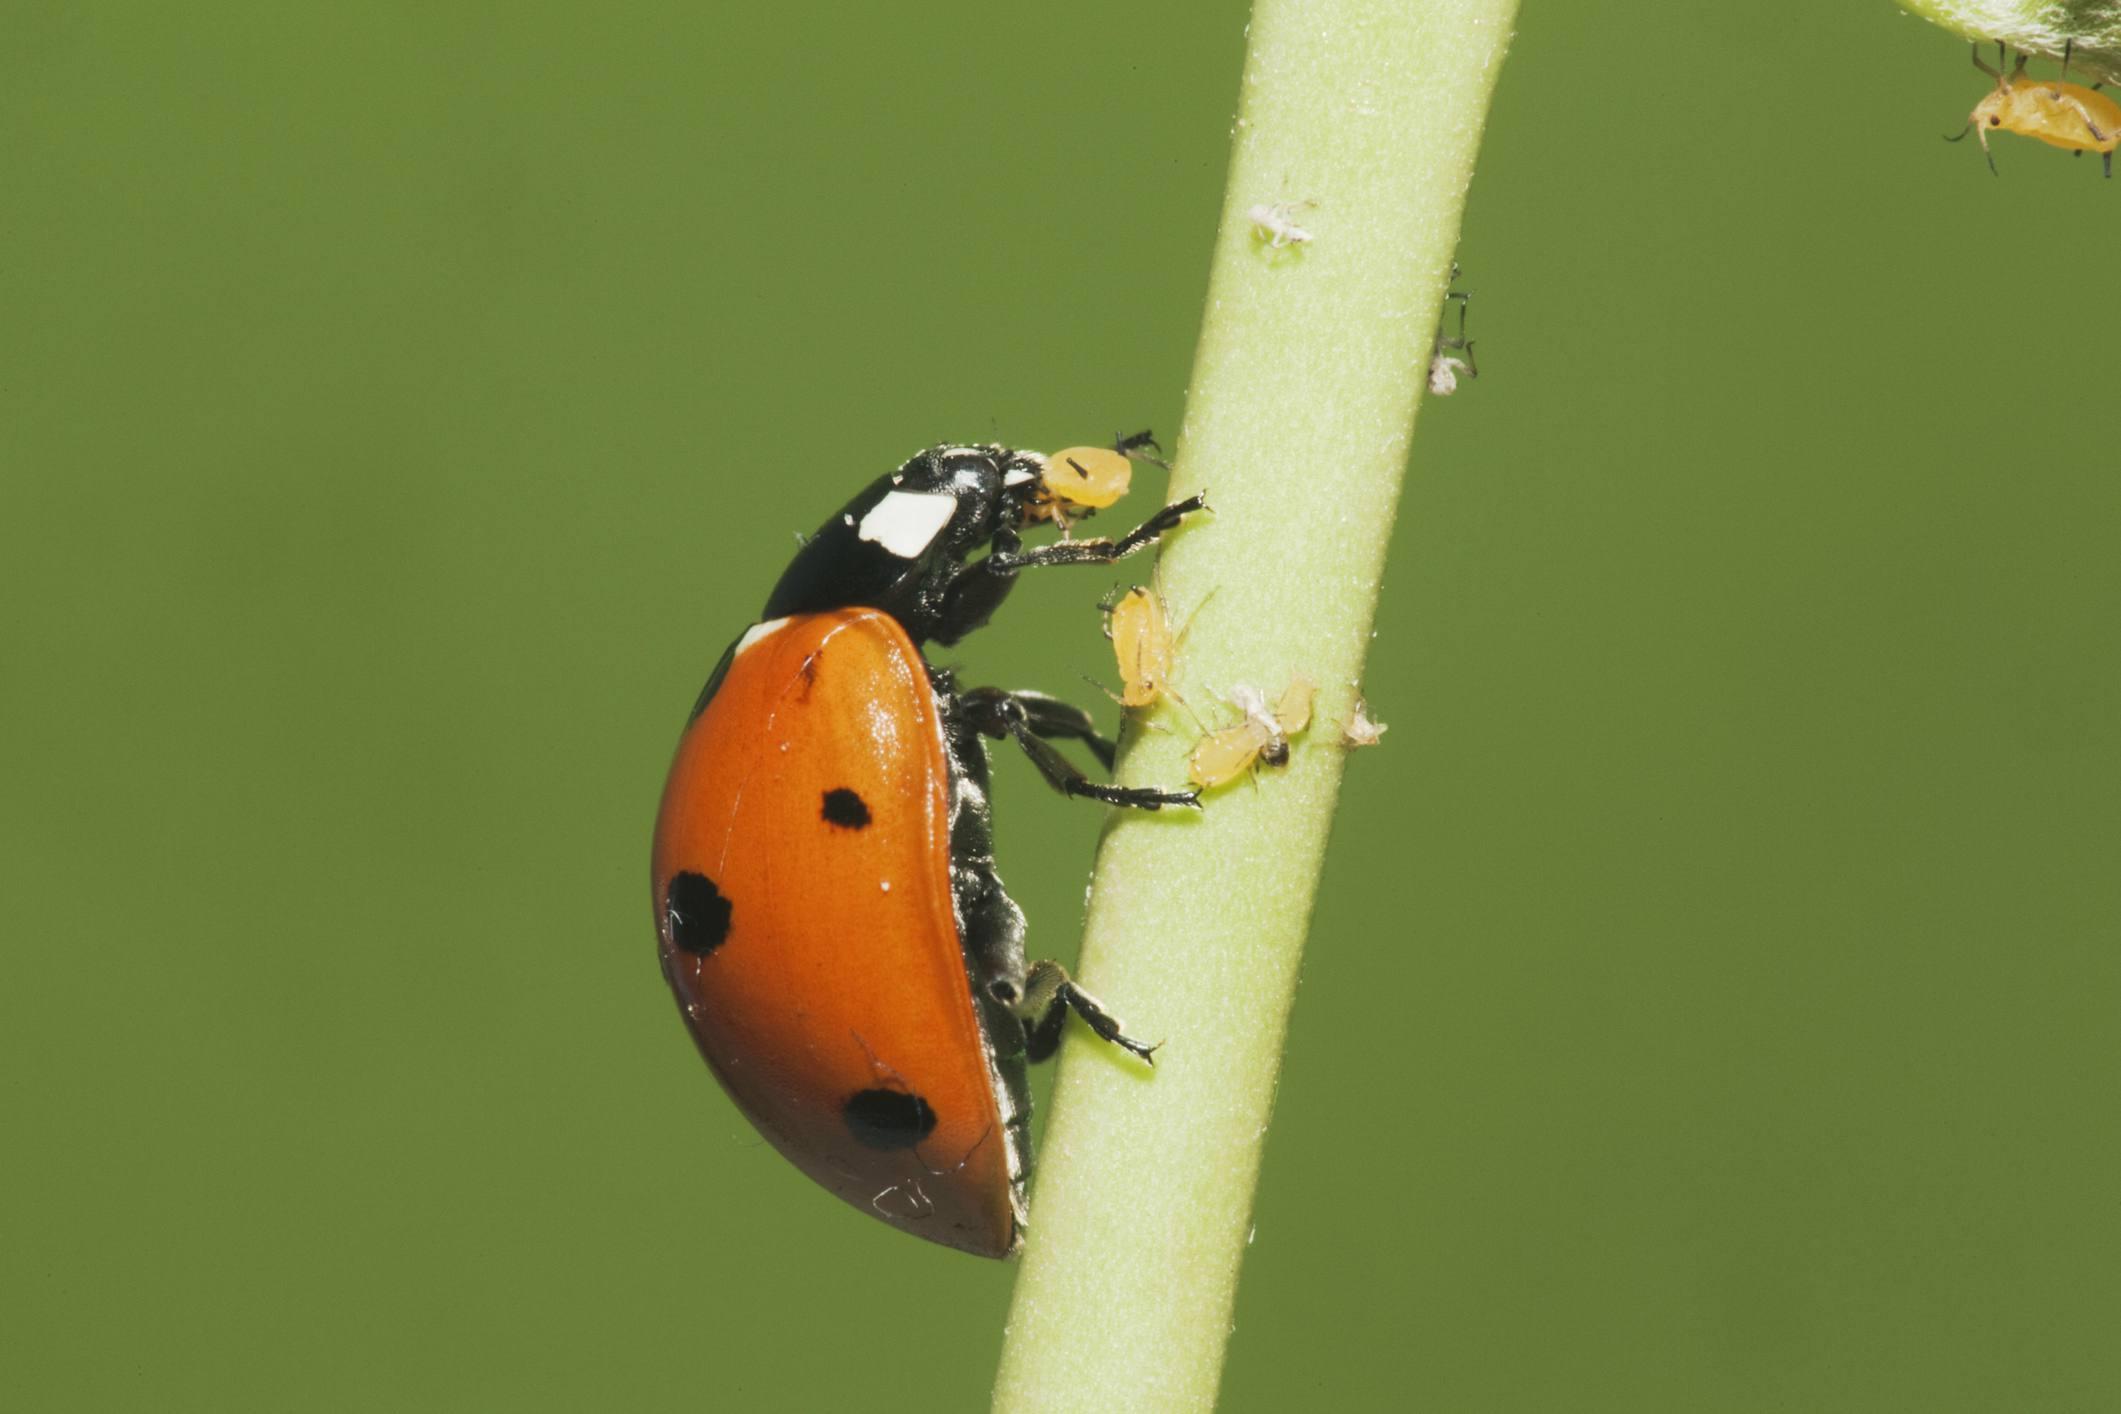 Siebenfleckiger Marienkäfer (Coccinella septempunctata), der Blattläuse isst